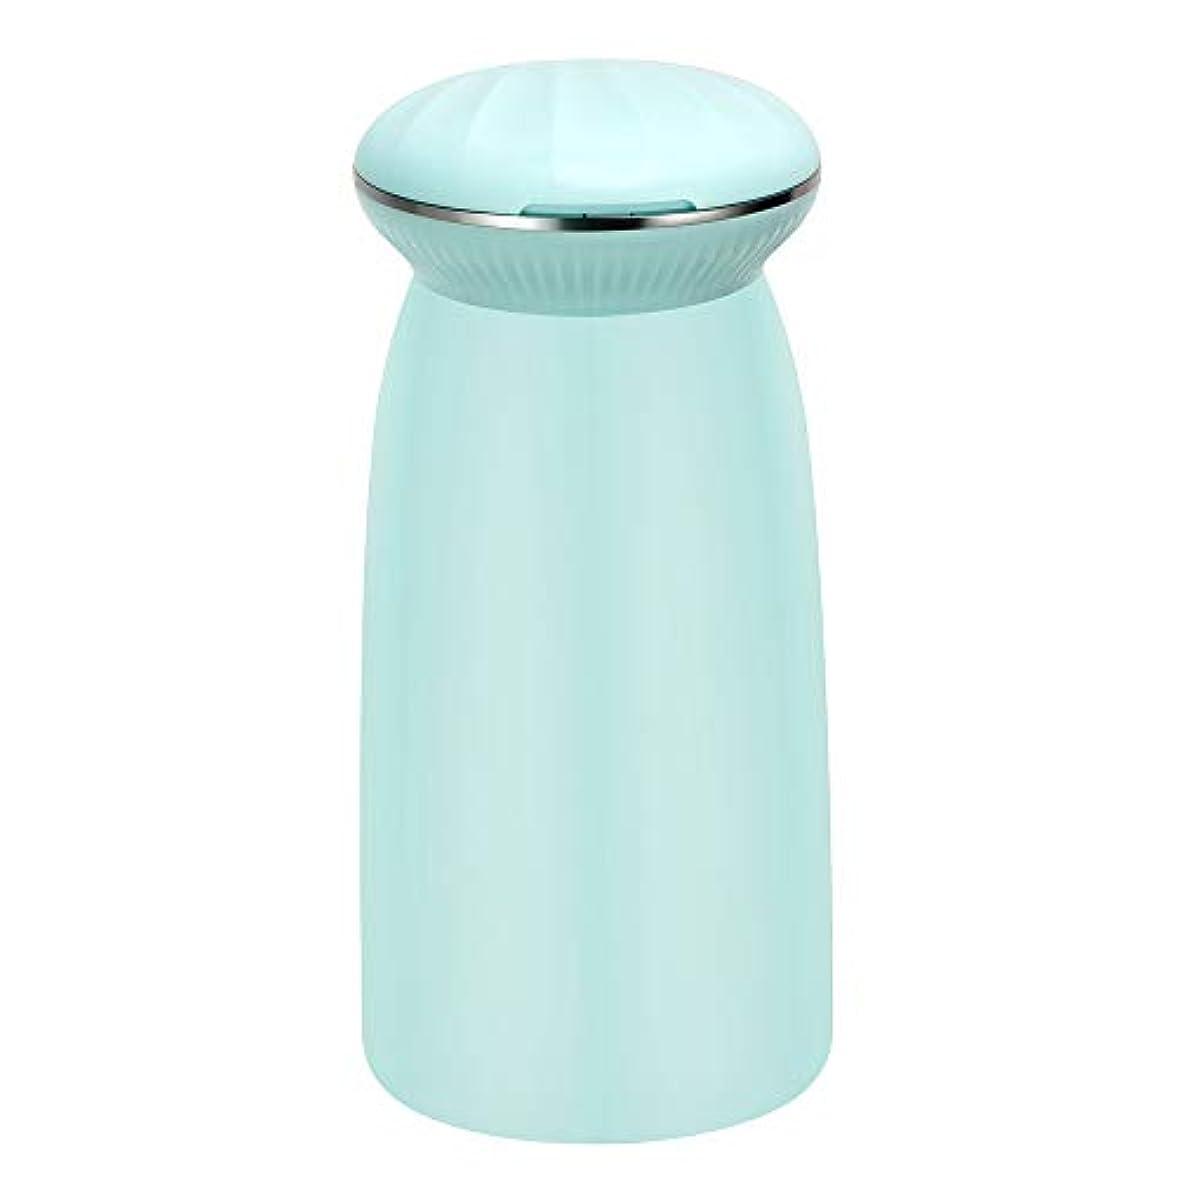 魔女母性落ちた涼しい空気加湿器 - 300ミリリットルスパミストメーカー水フレッシュエアーマシンポータブル超音波加湿器,Blue